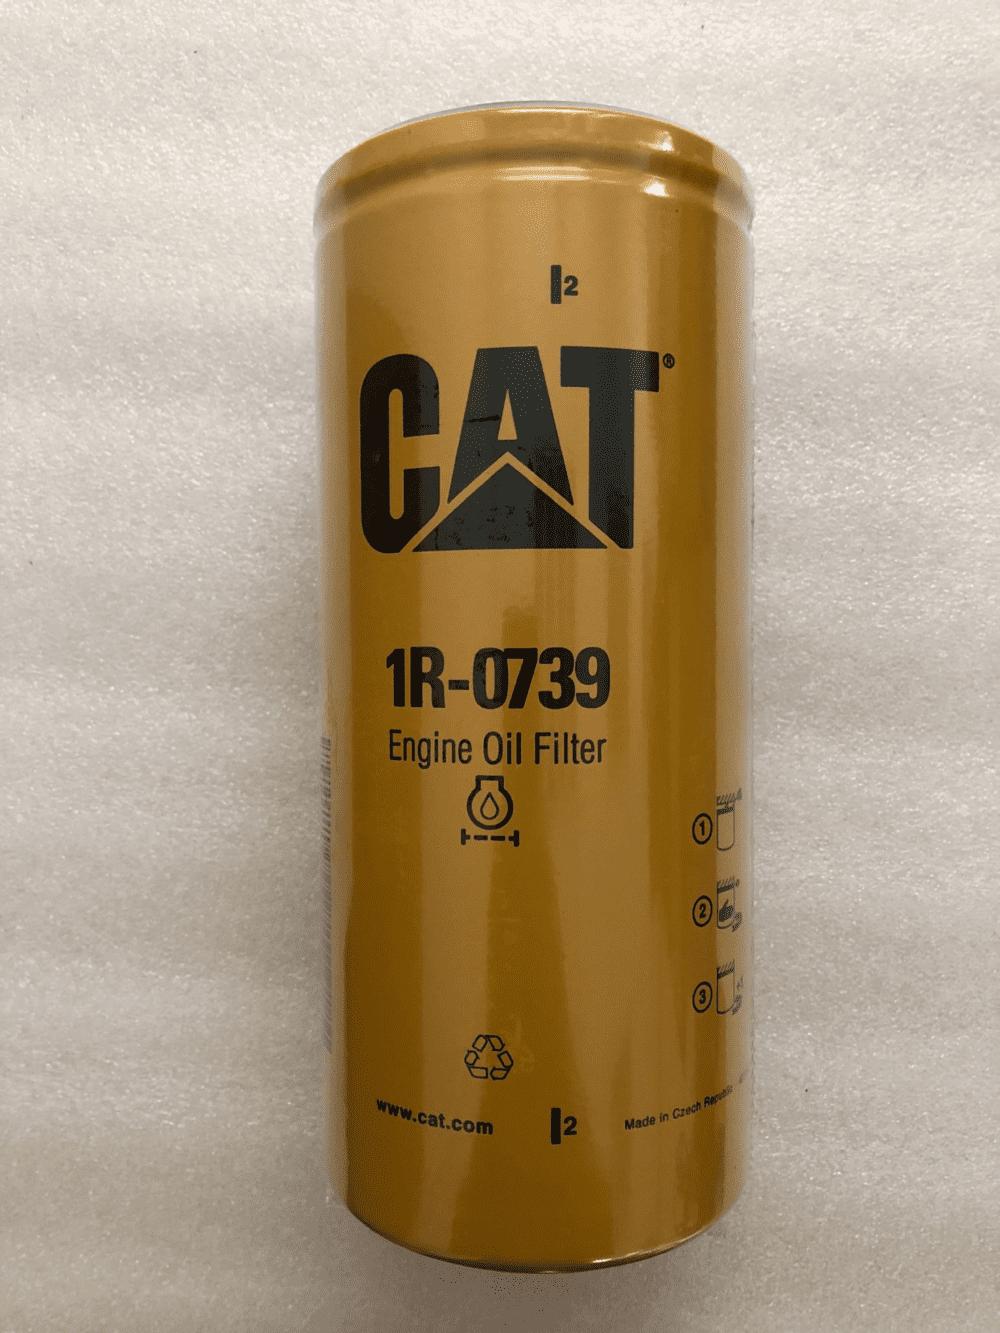 CAT Oil Filter 1R-0739